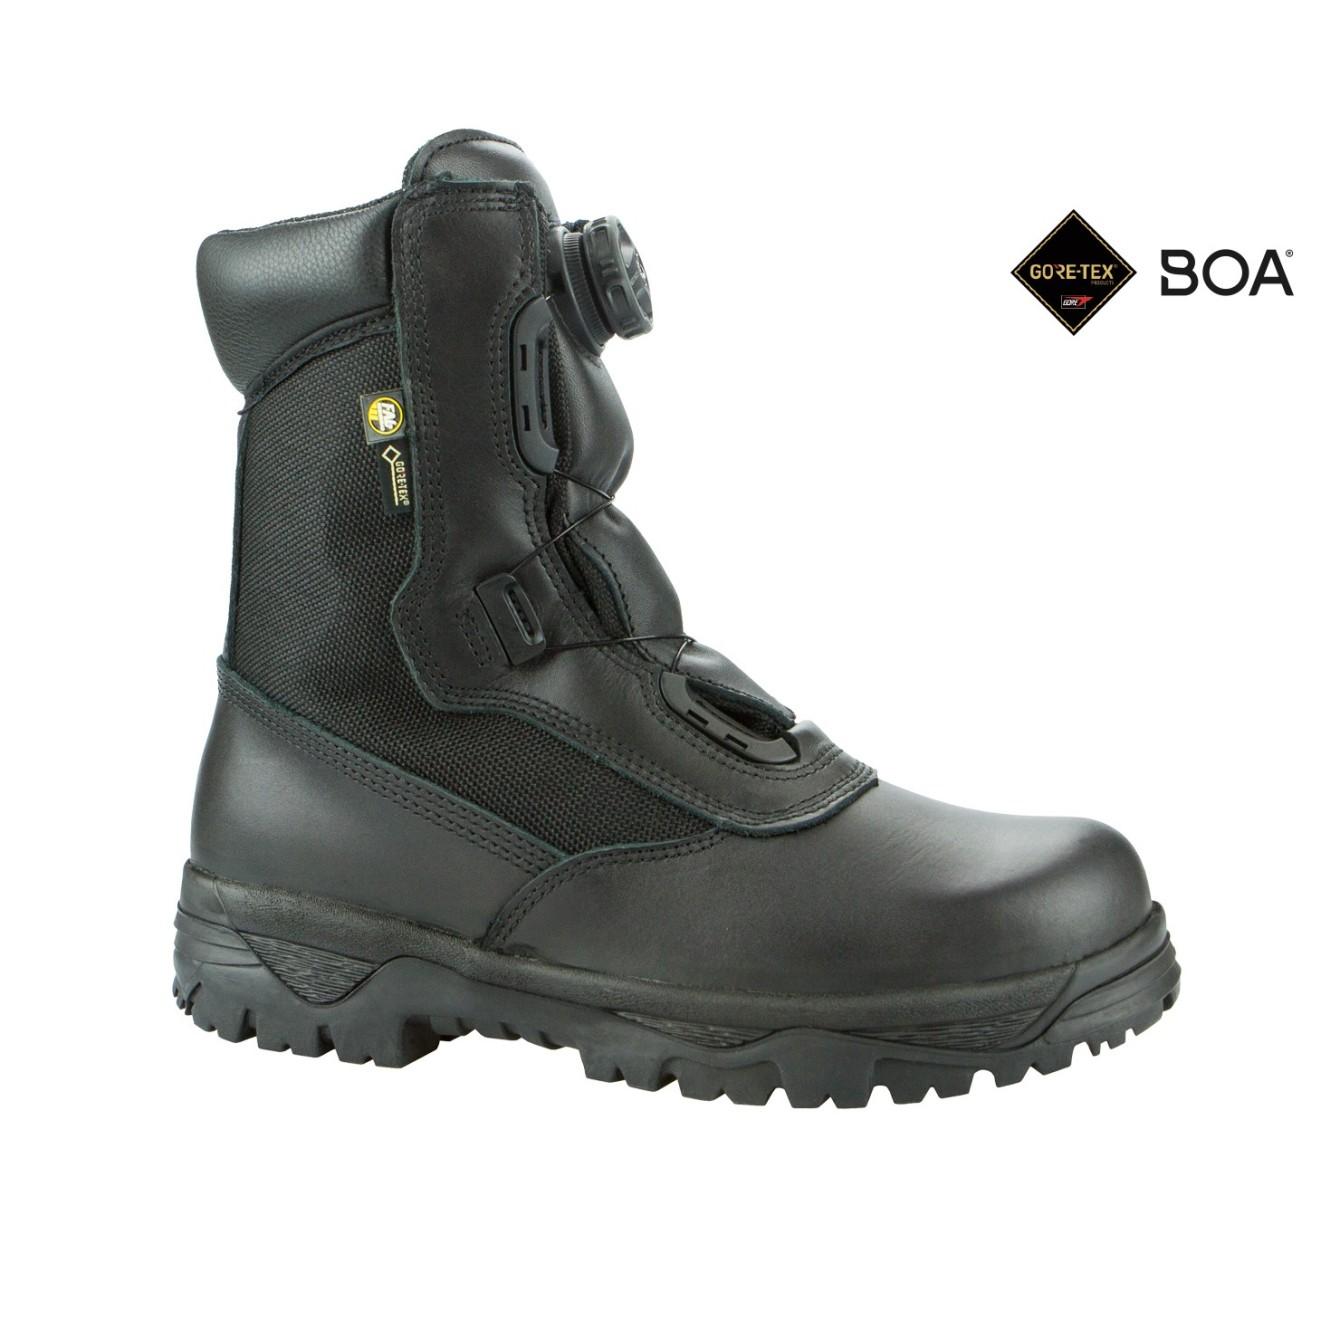 a7490374847 Saapad Fal Halcon BOA Gore-Tex - Taivoster